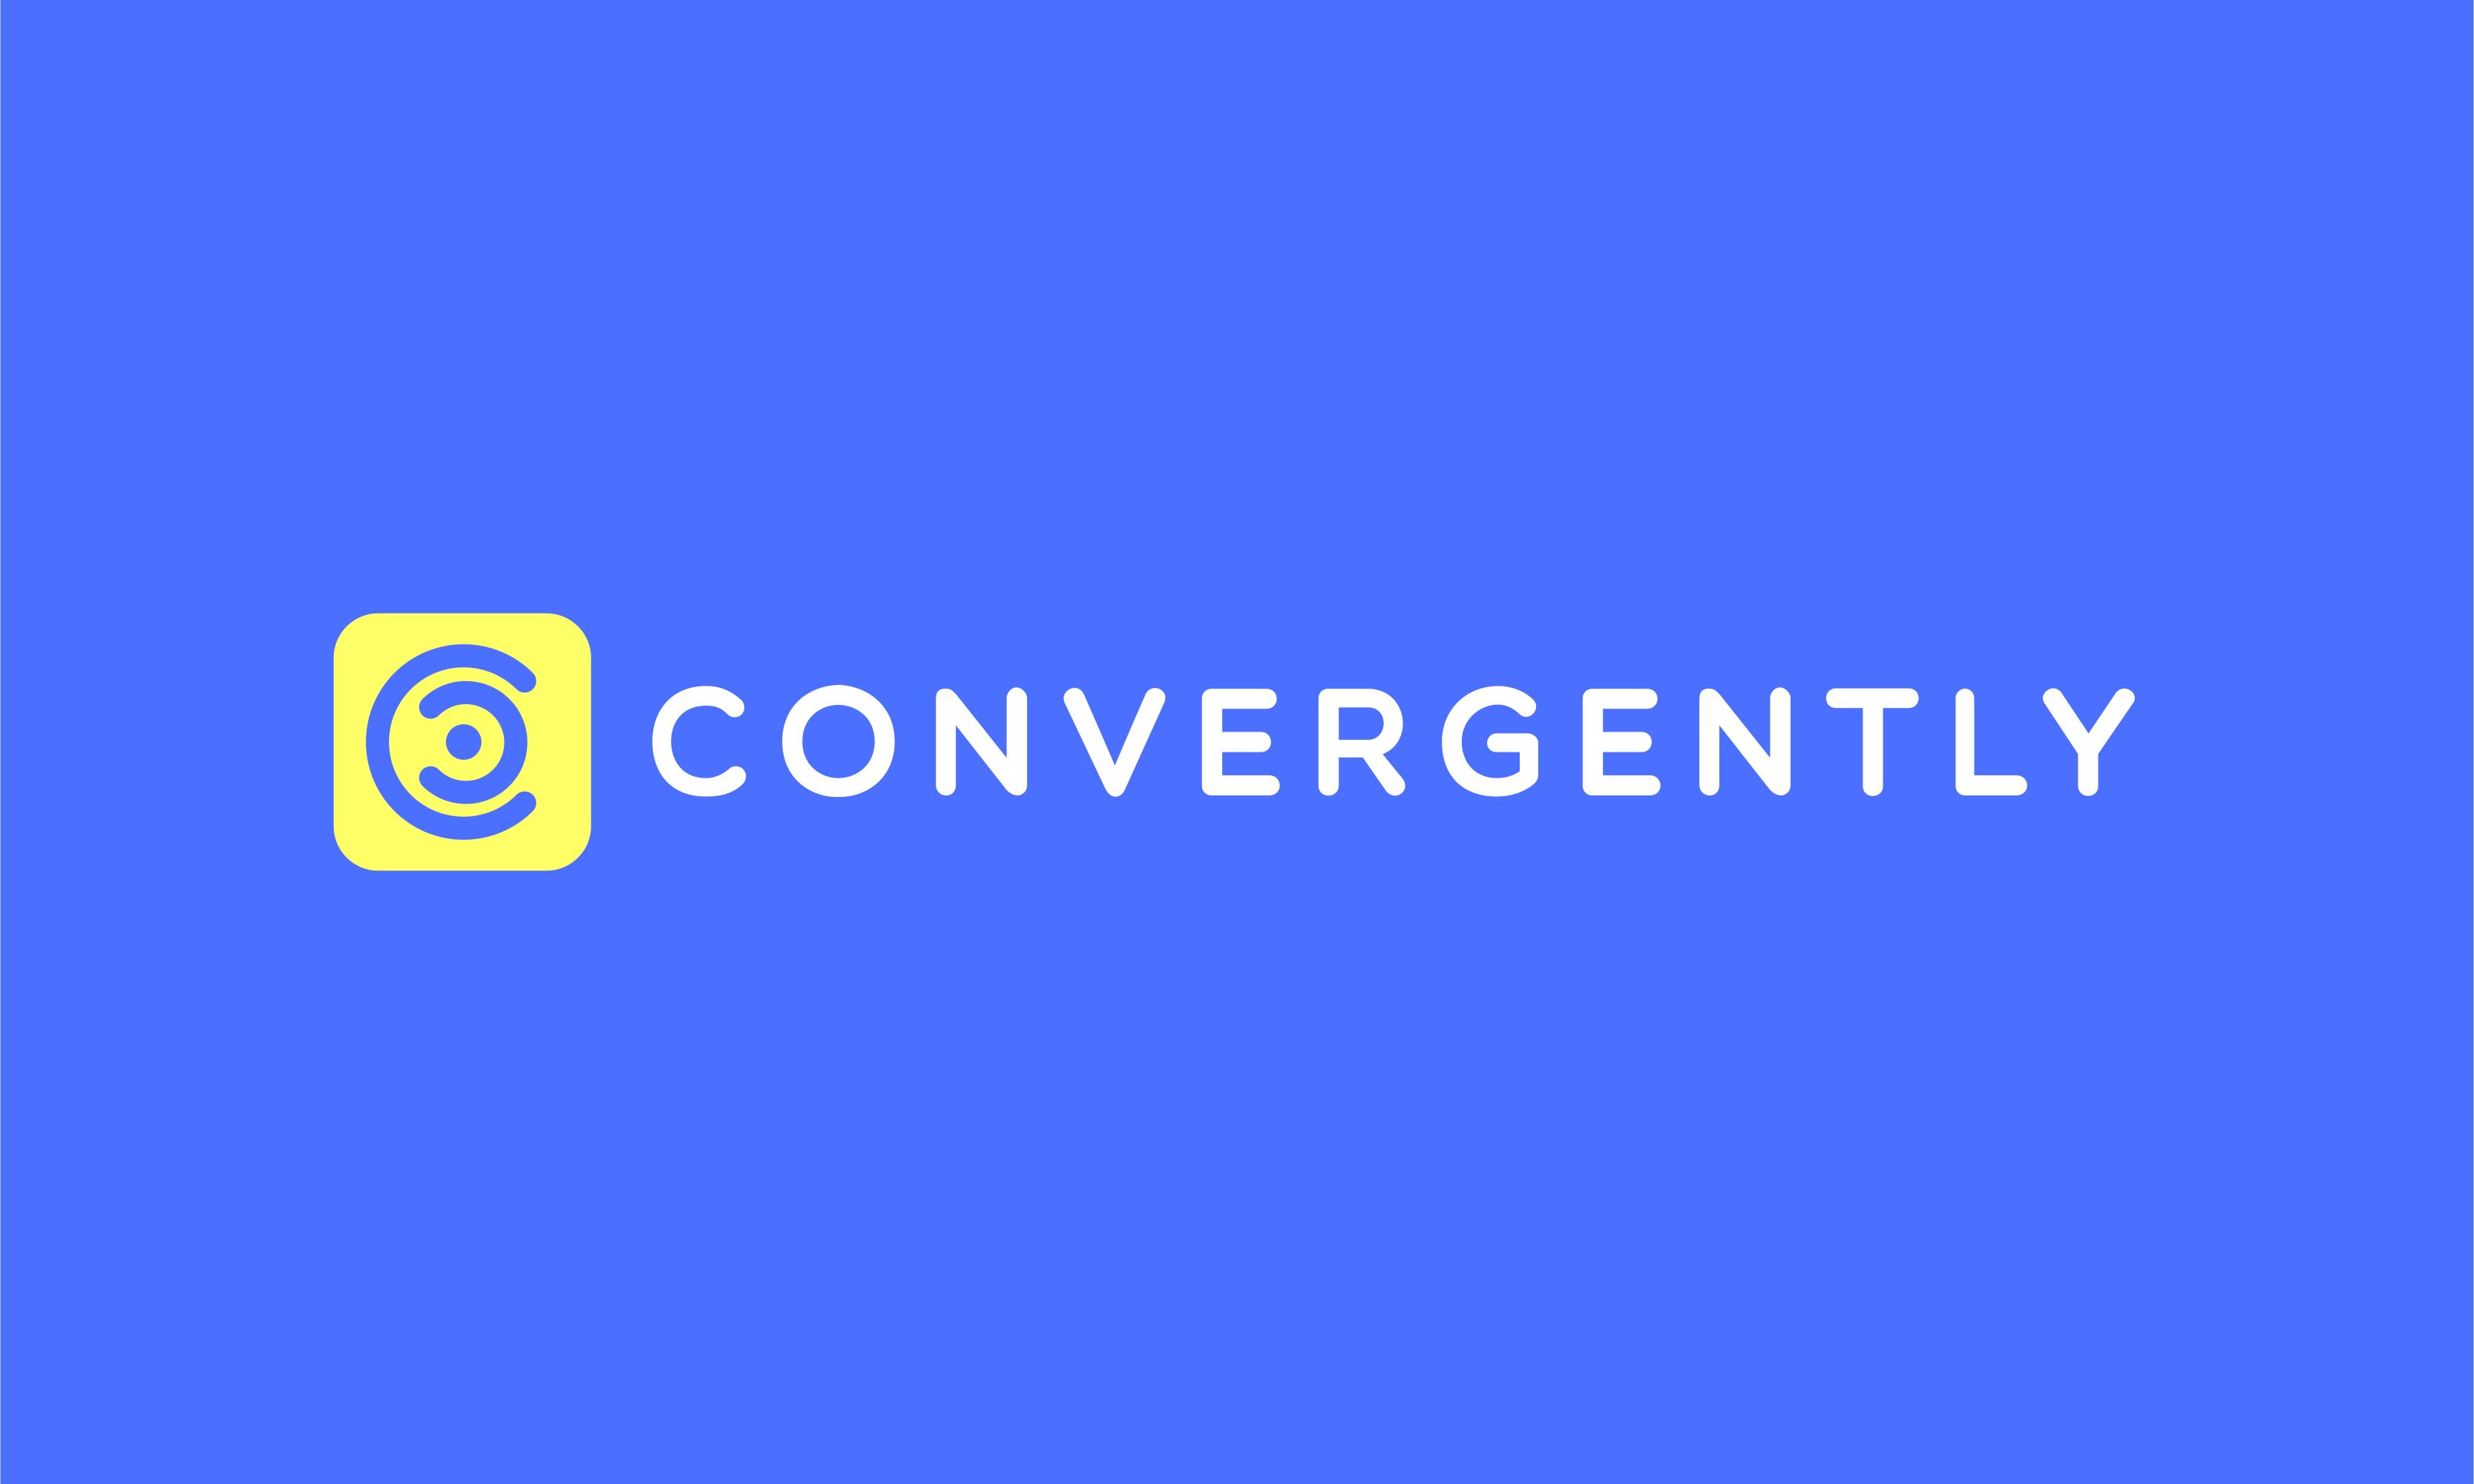 Convergently